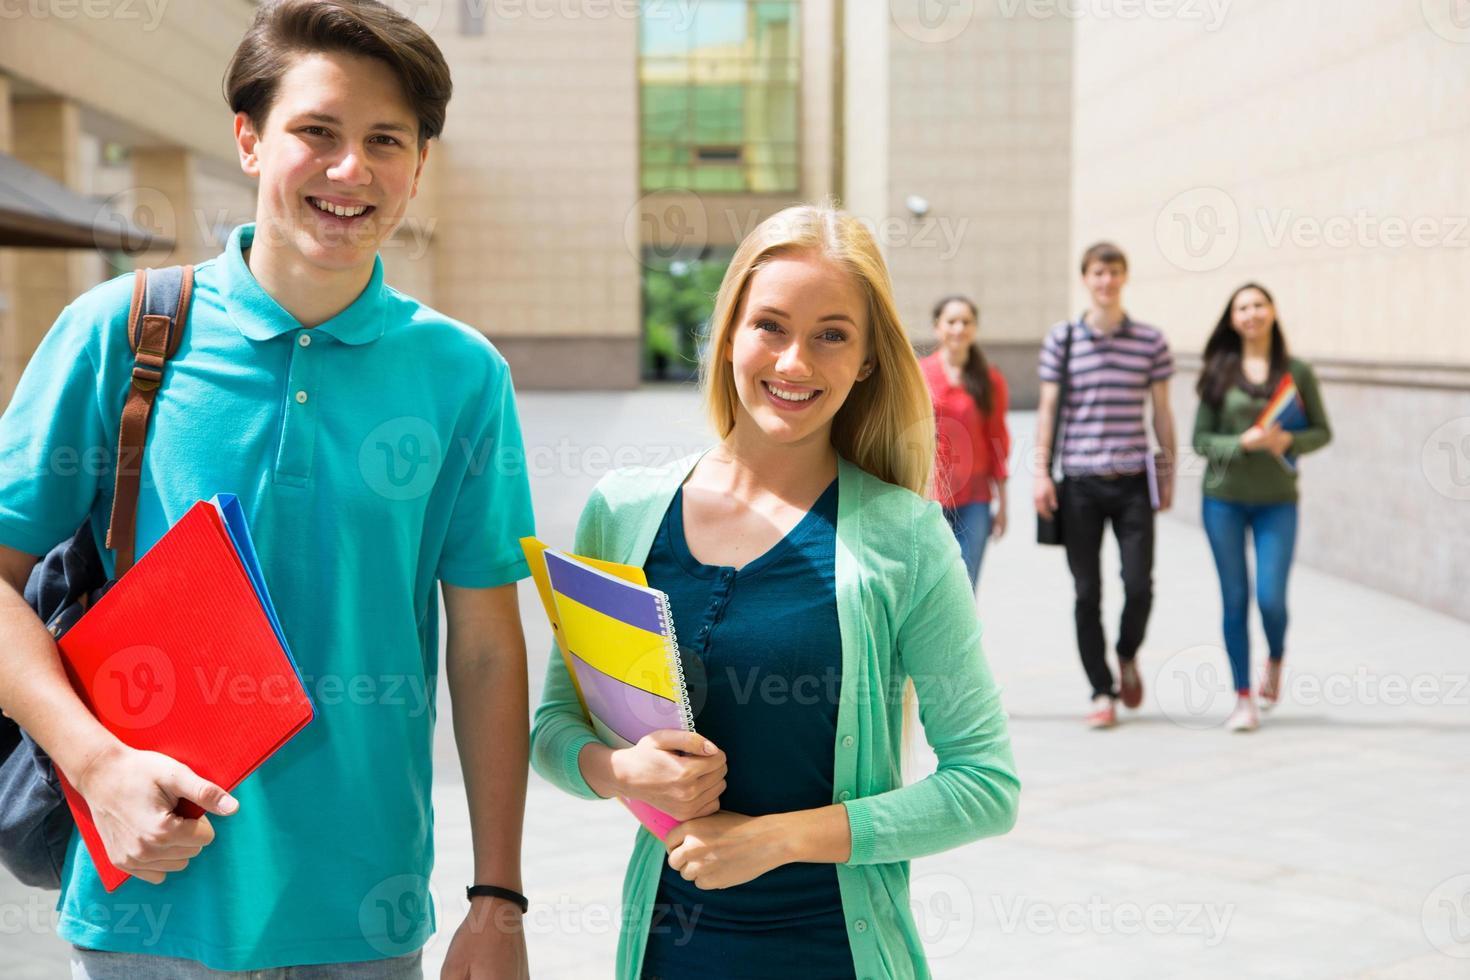 groupe d'étudiants divers à l'extérieur photo